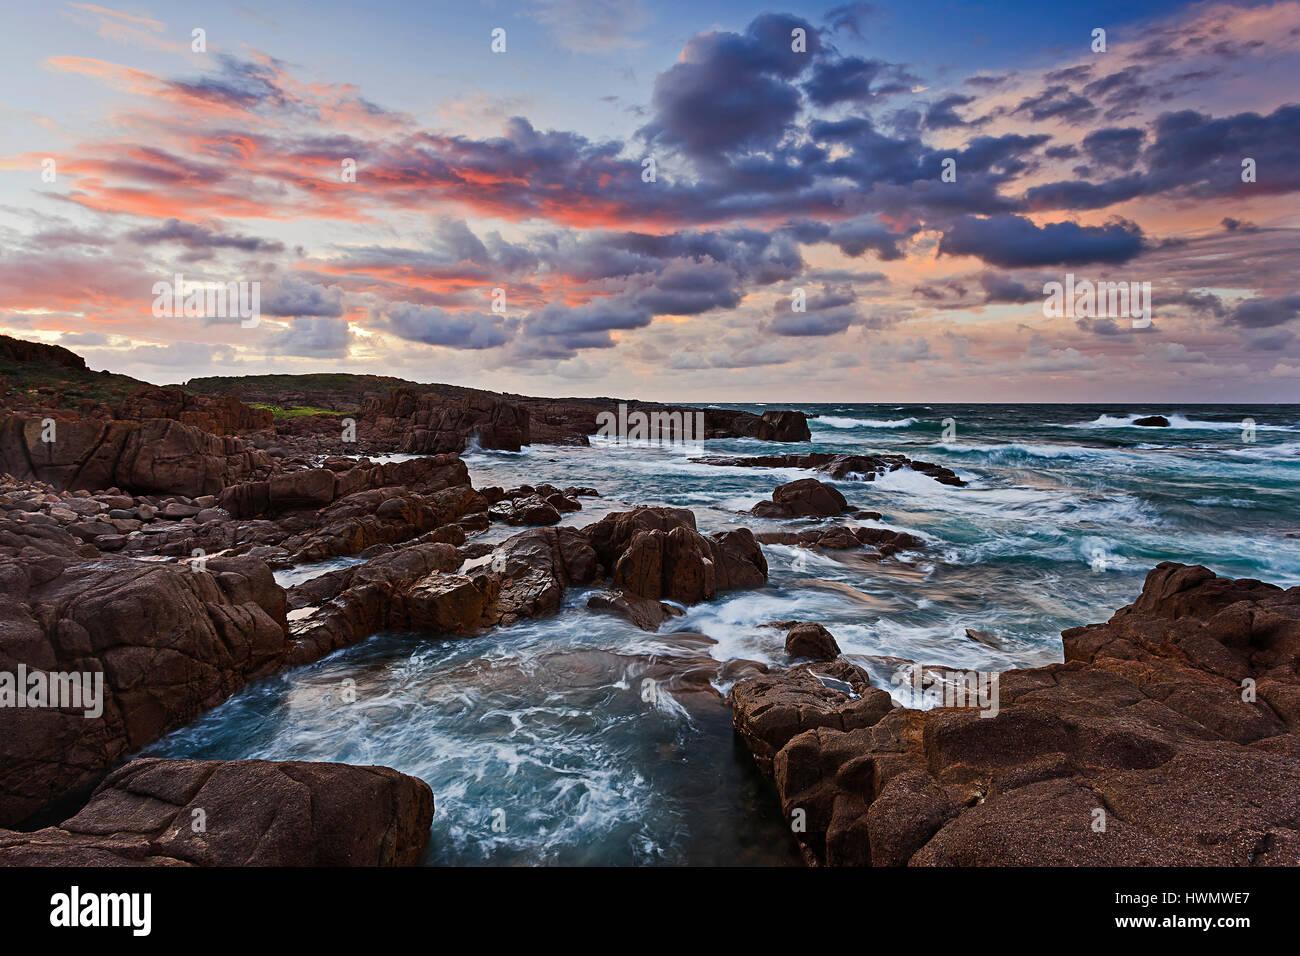 Costa del Pacífico Australia cerca de Stockton Beach y Anna bahía de Port Stephens. Los cantos rodados de piedra Foto de stock